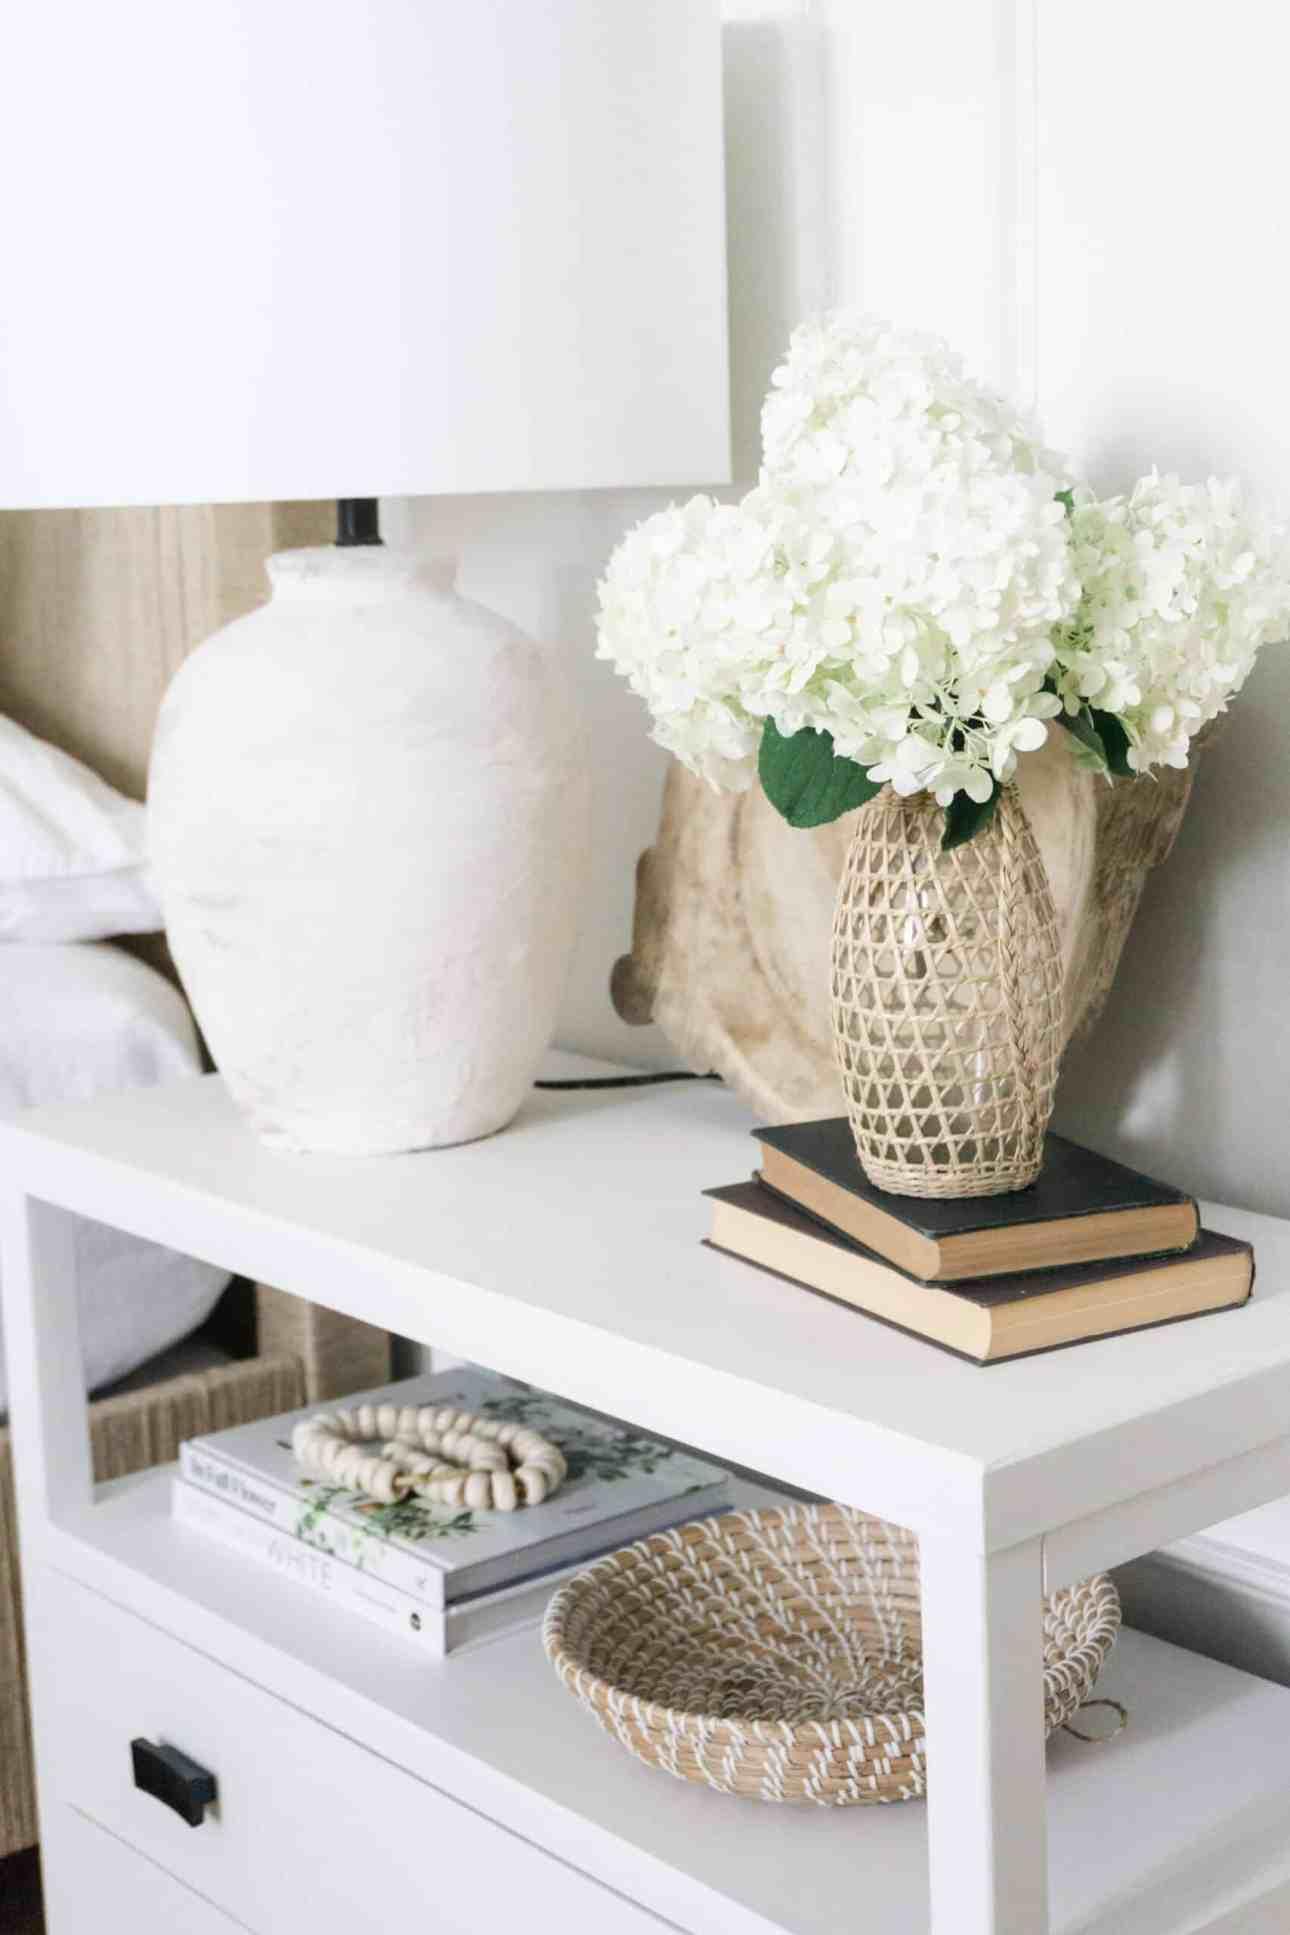 White wedding hydrangea arrangement.